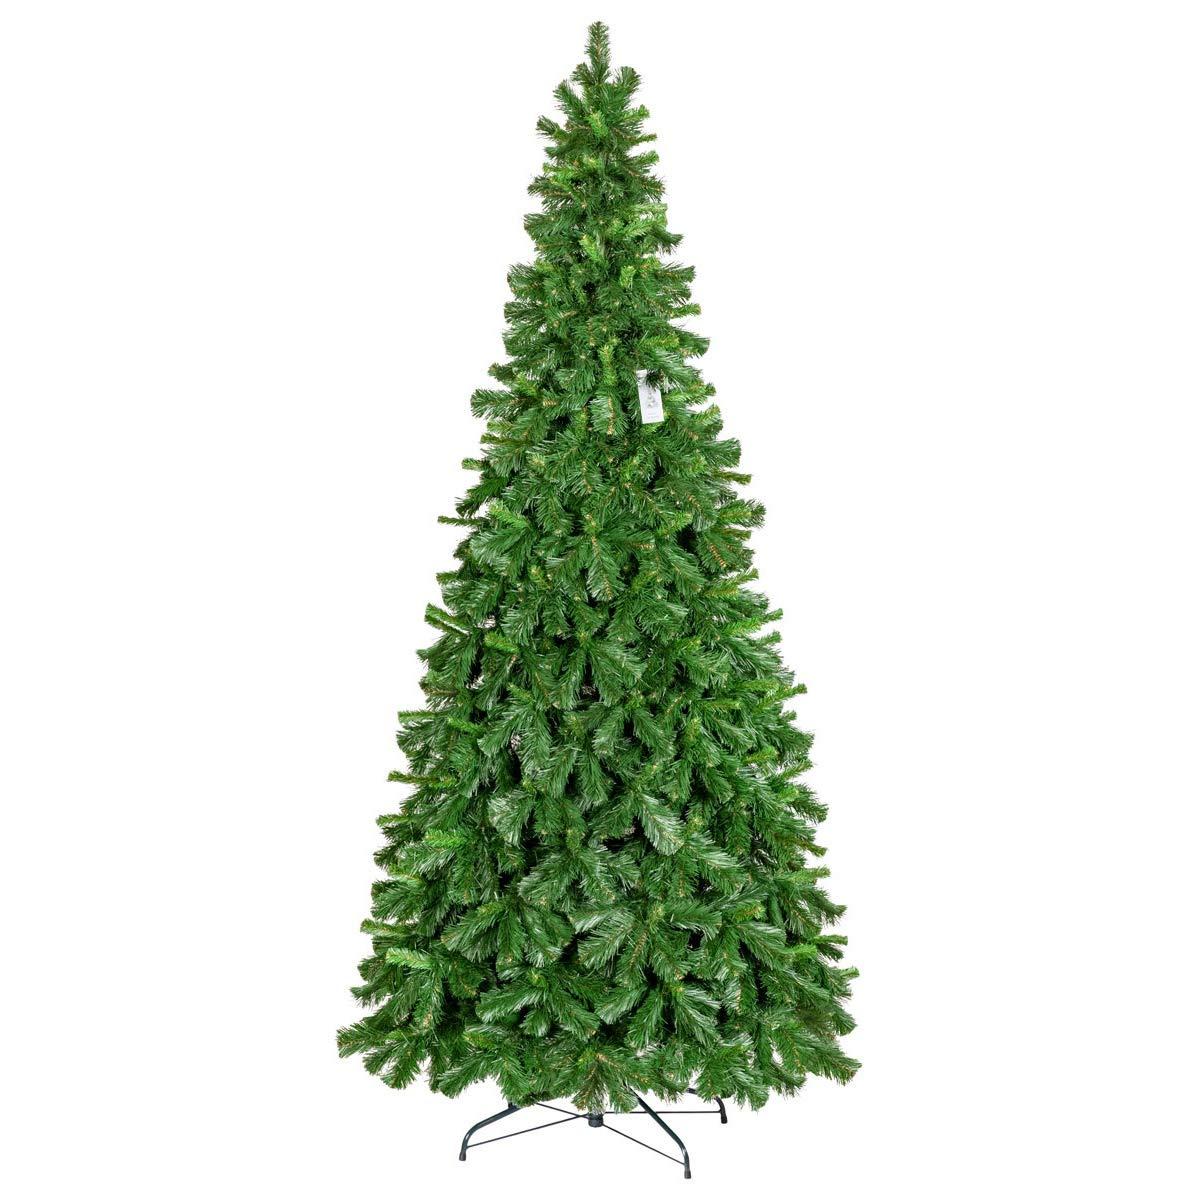 FairyTrees Weihnachtsbaum künstlich Kiefer Tirol, Material PVC, inkl. Metallständer, 250cm